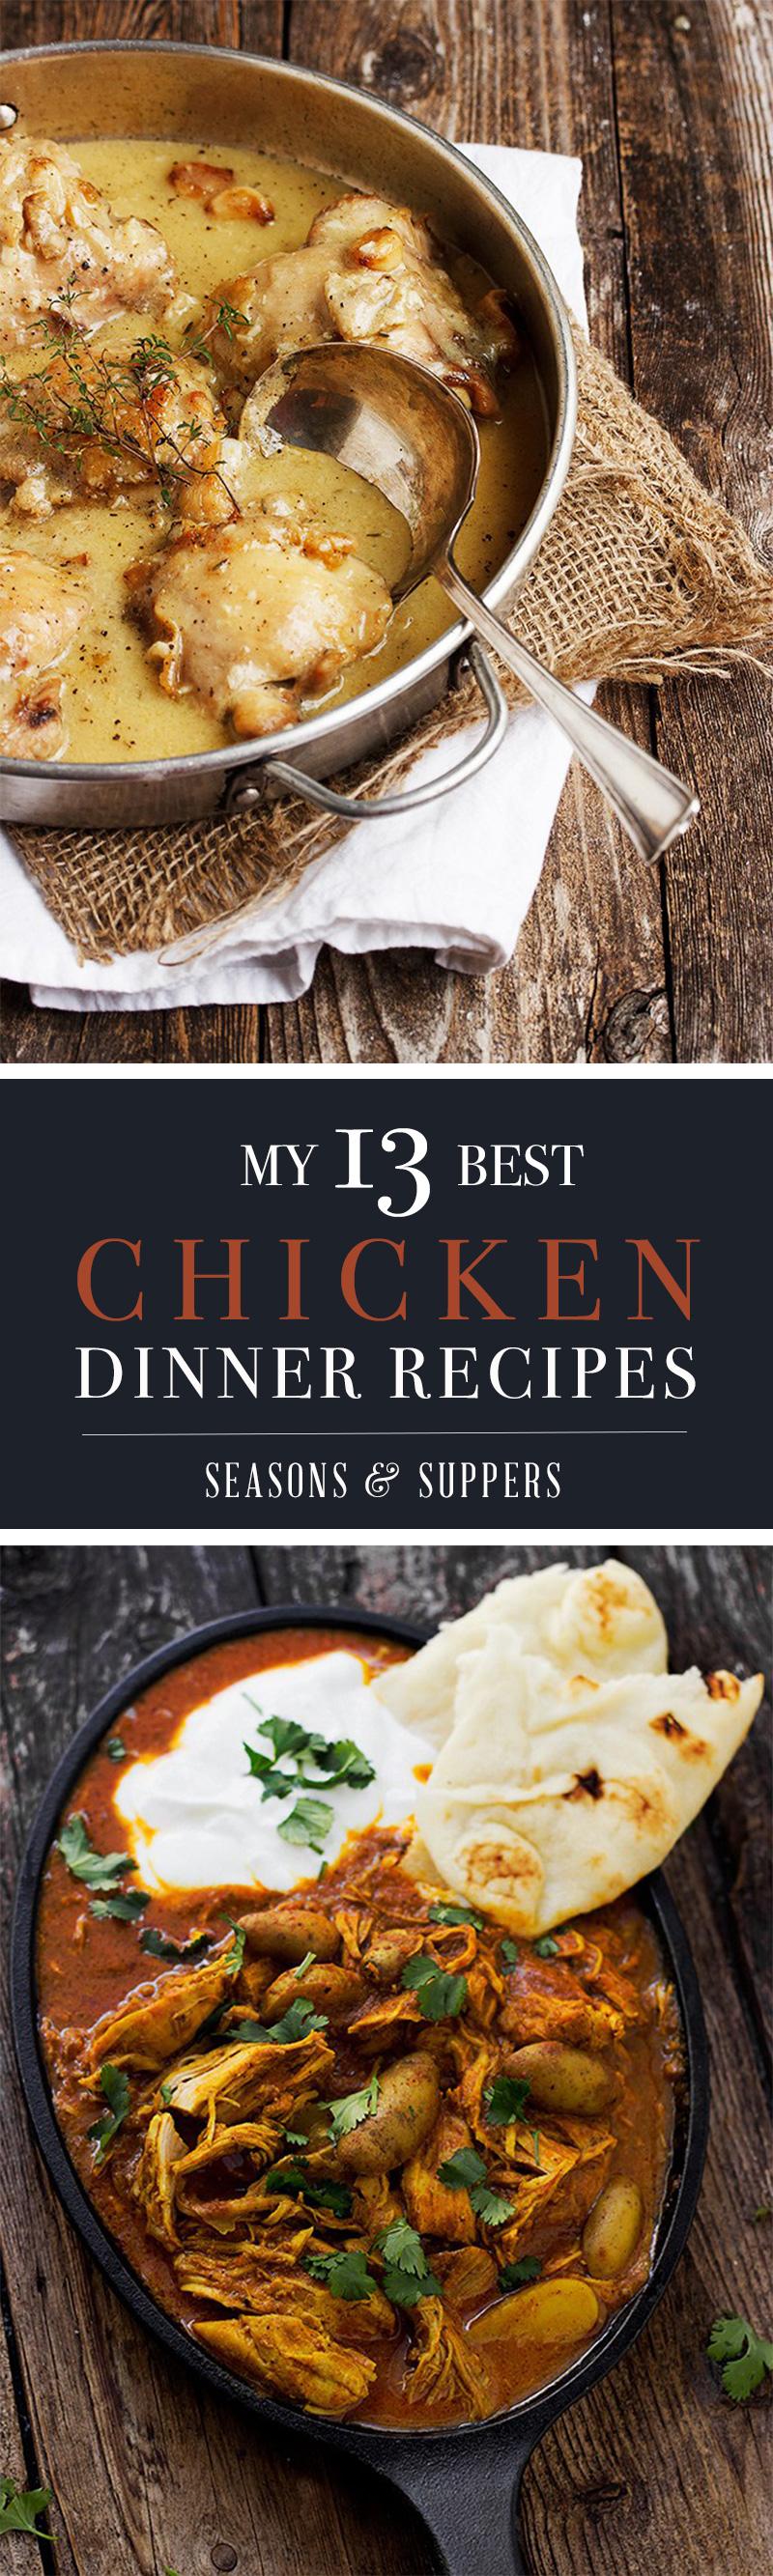 My 13 Best Chicken Dinner Recipes